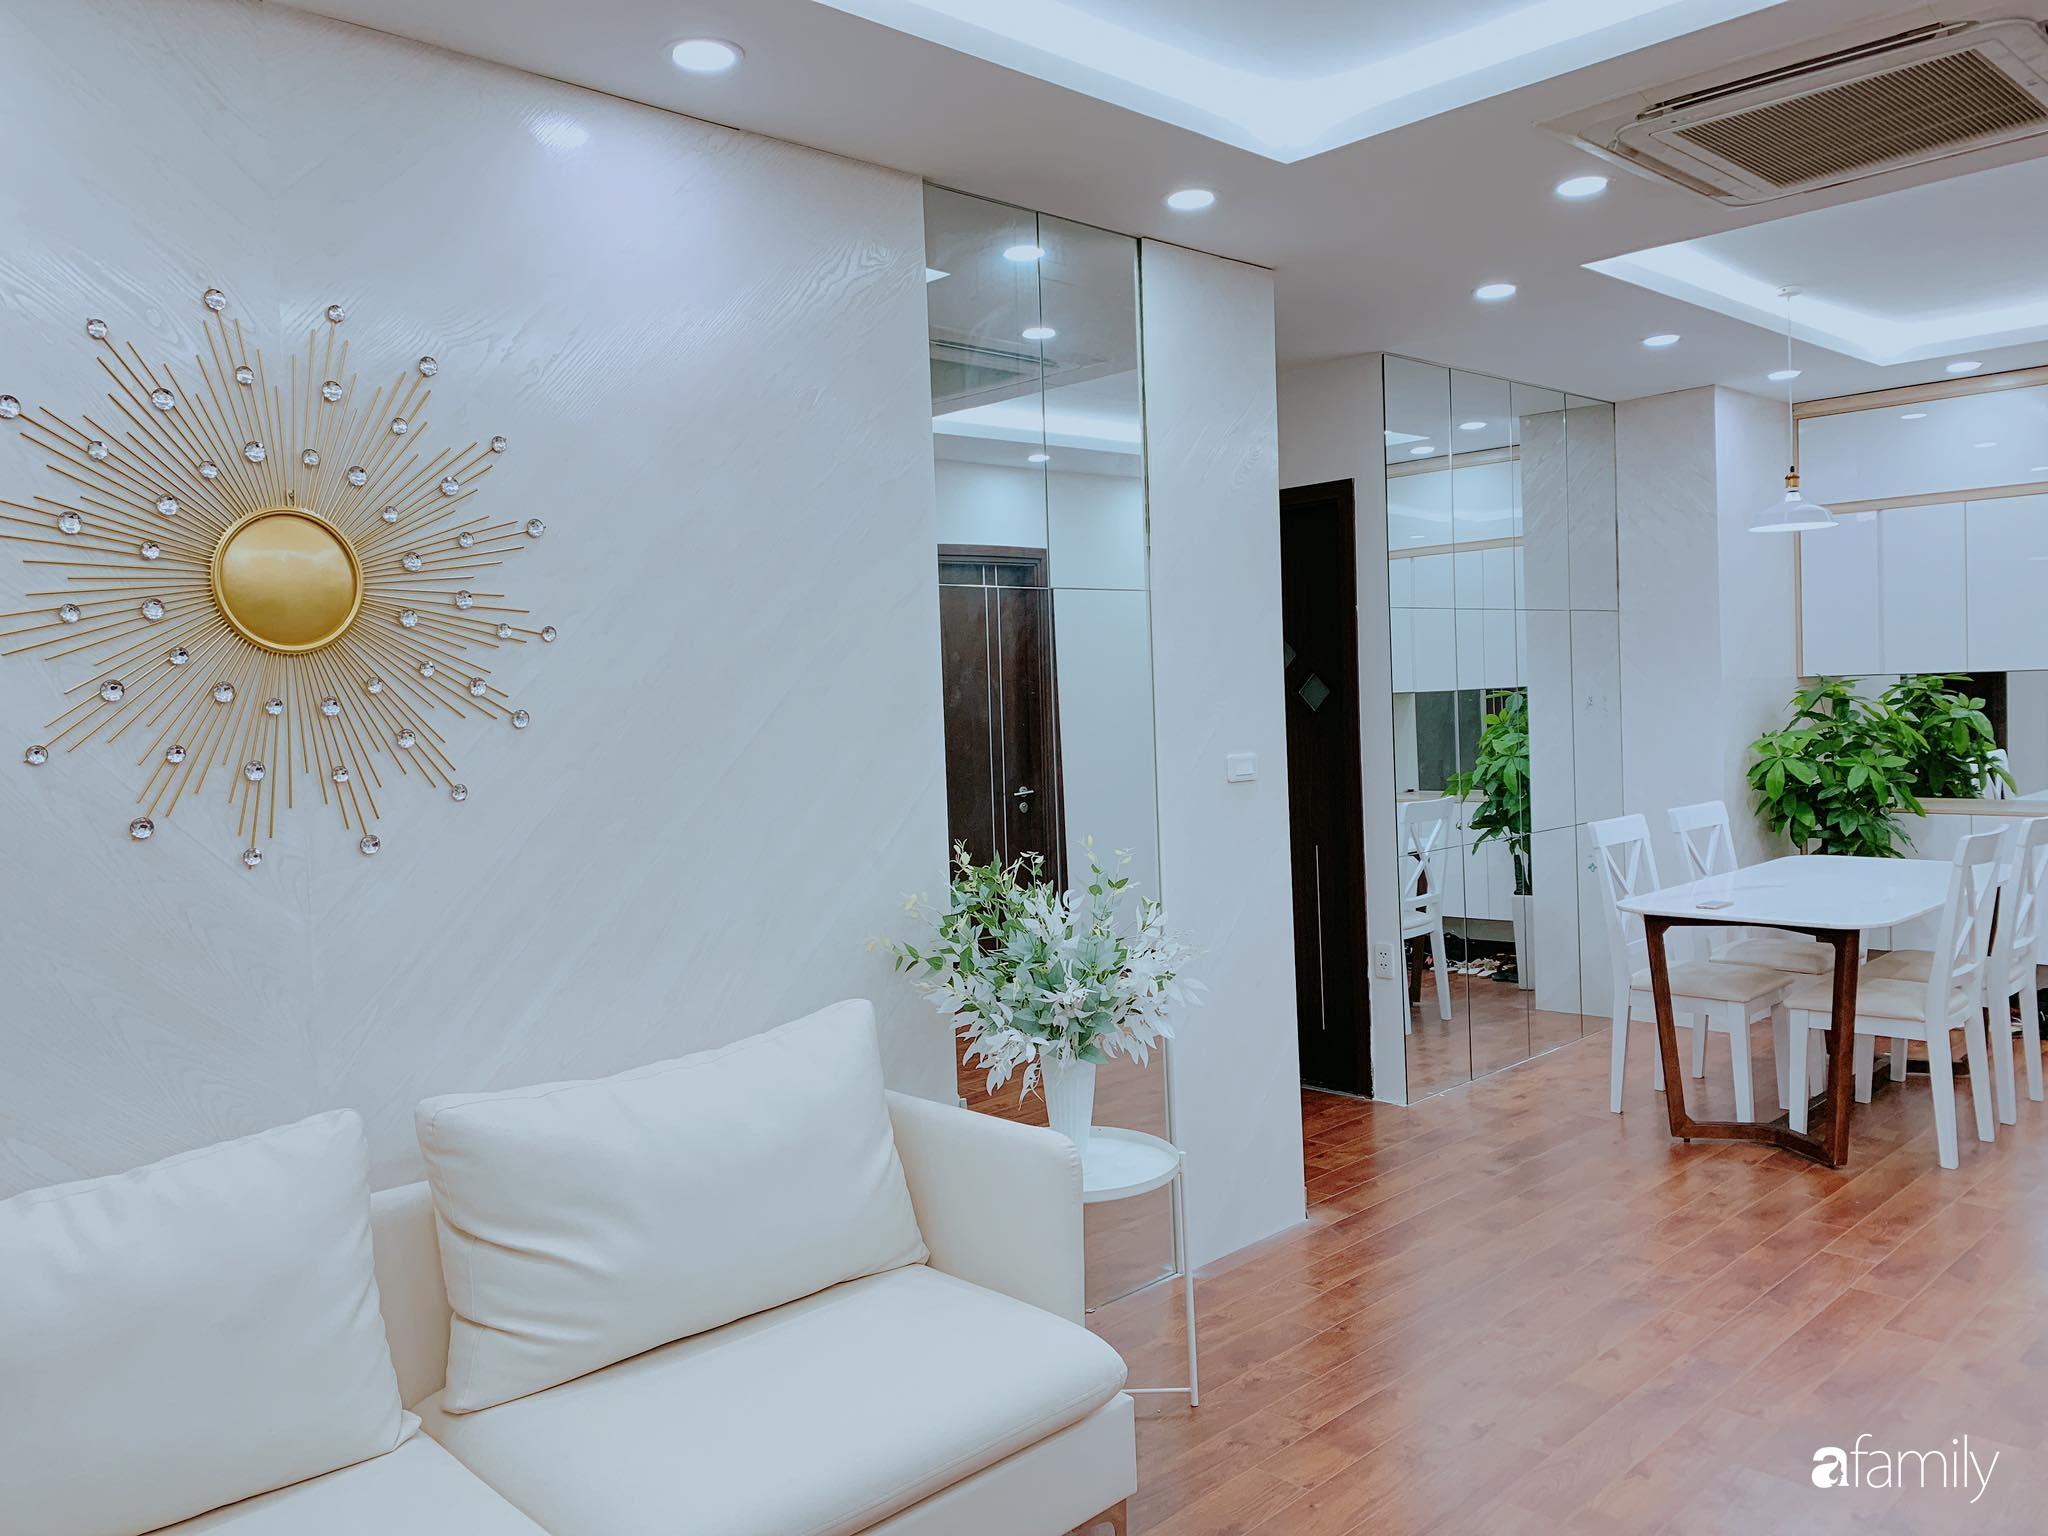 Căn hộ 90m² như được nhân đôi không gian nhờ cách decor khéo léo với màu trắng - ghi ở Hà Nội - Ảnh 8.